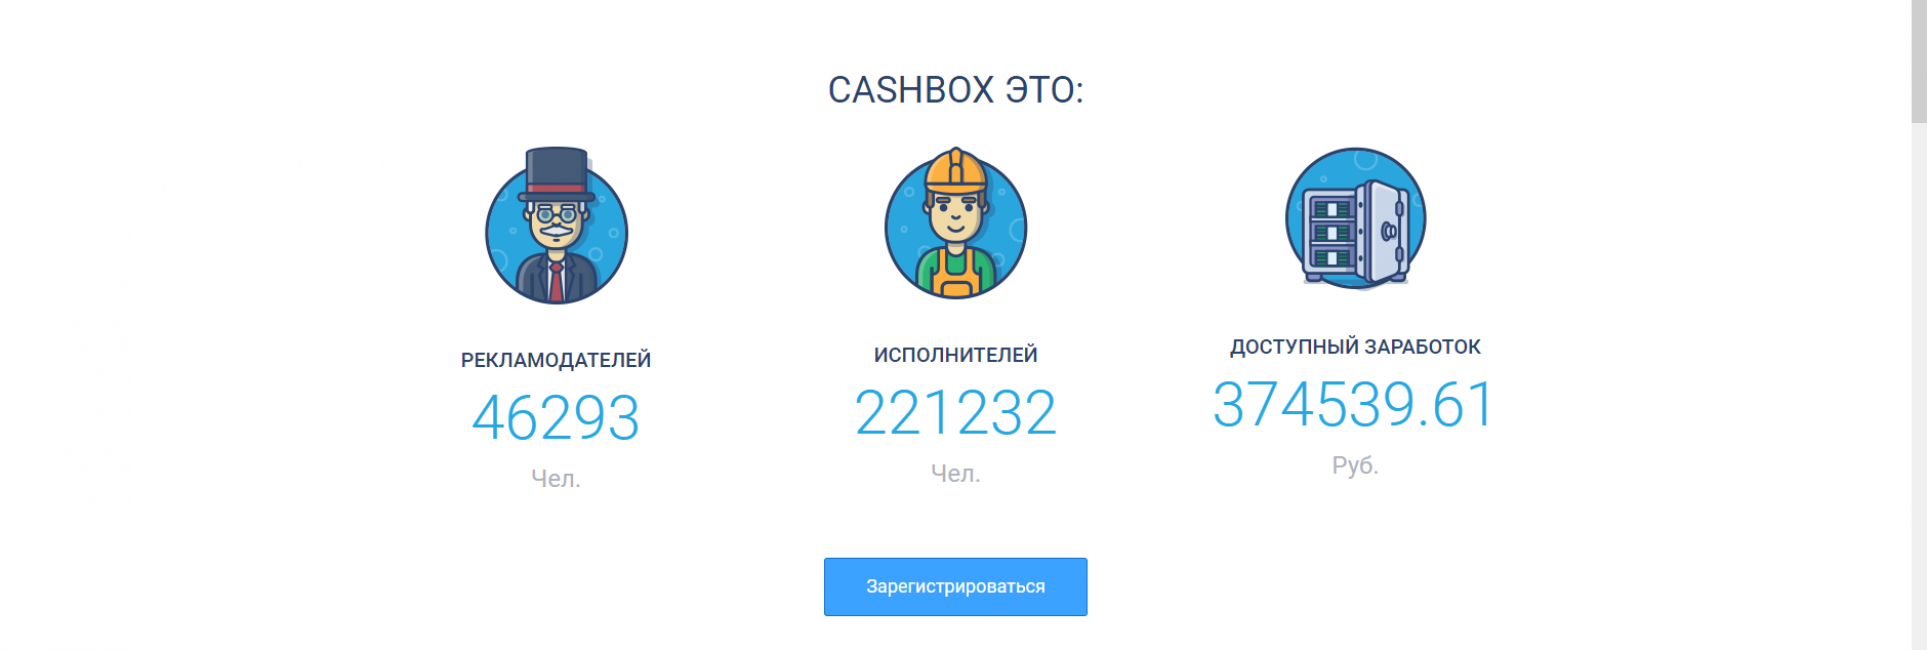 Обзор сервиса Cashbox.ru